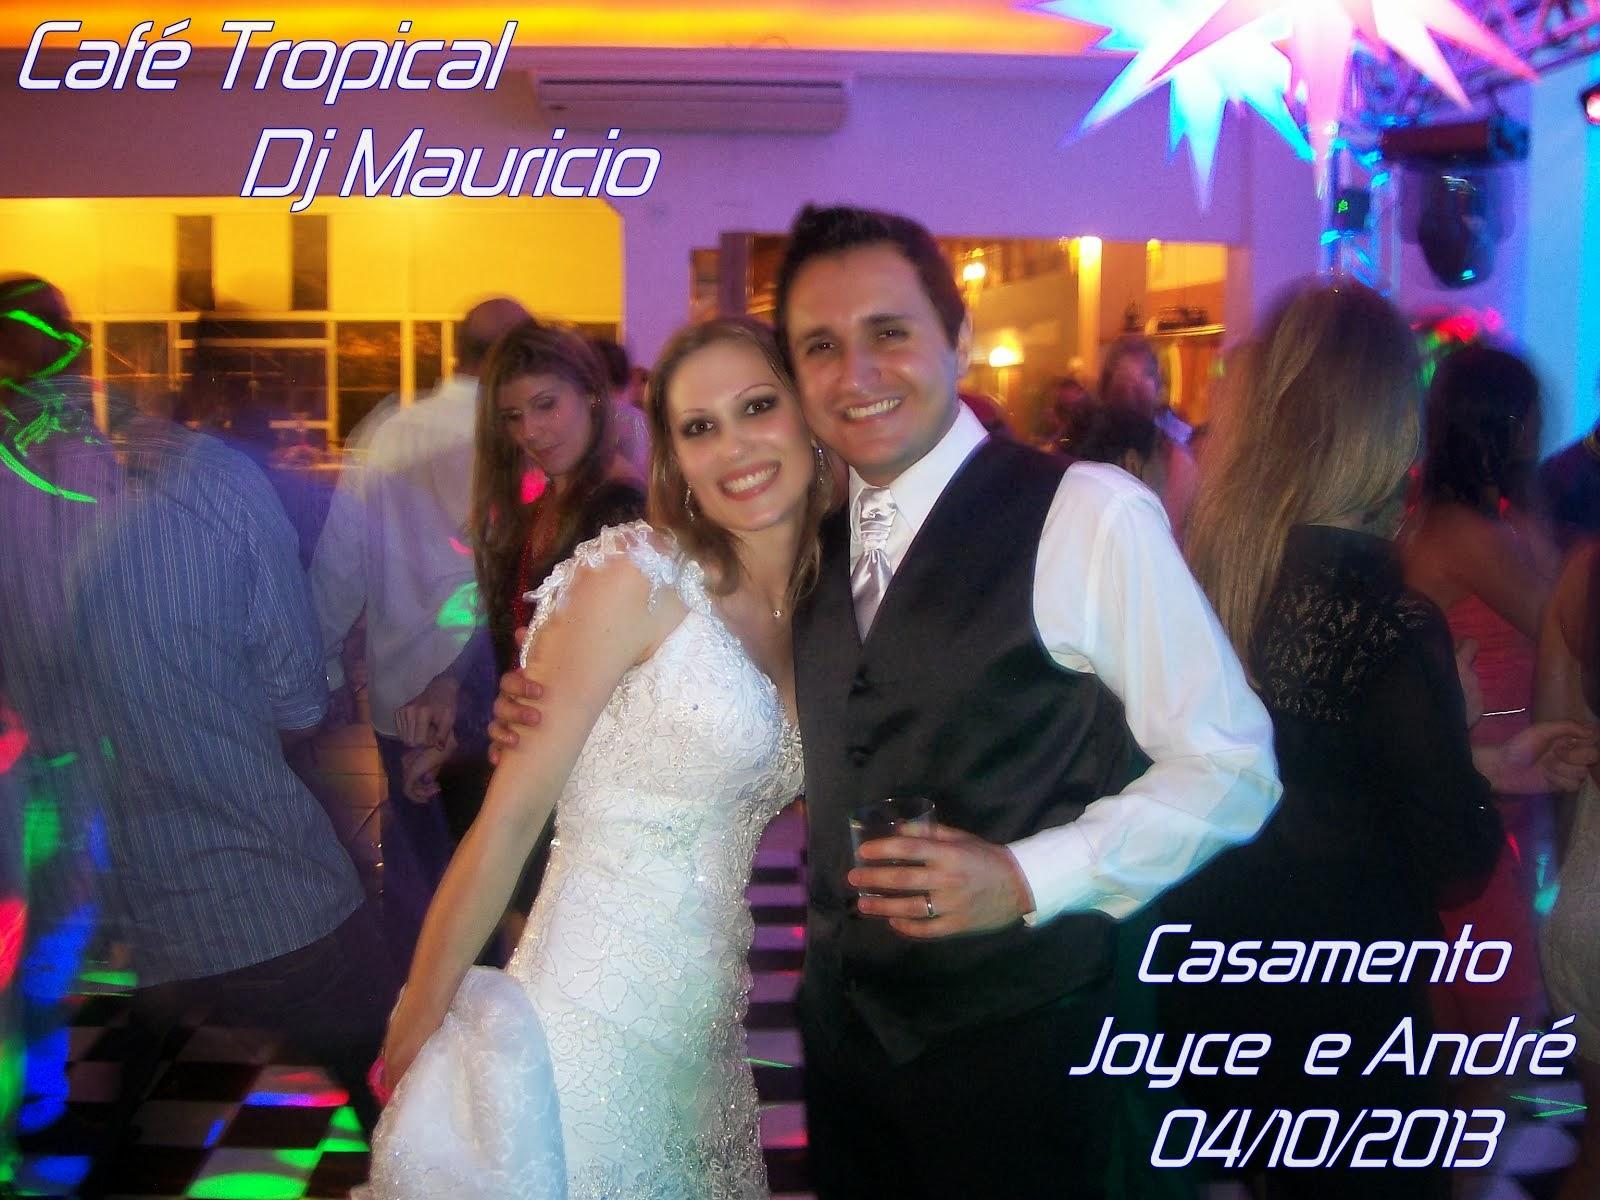 Joyce e André Casamento